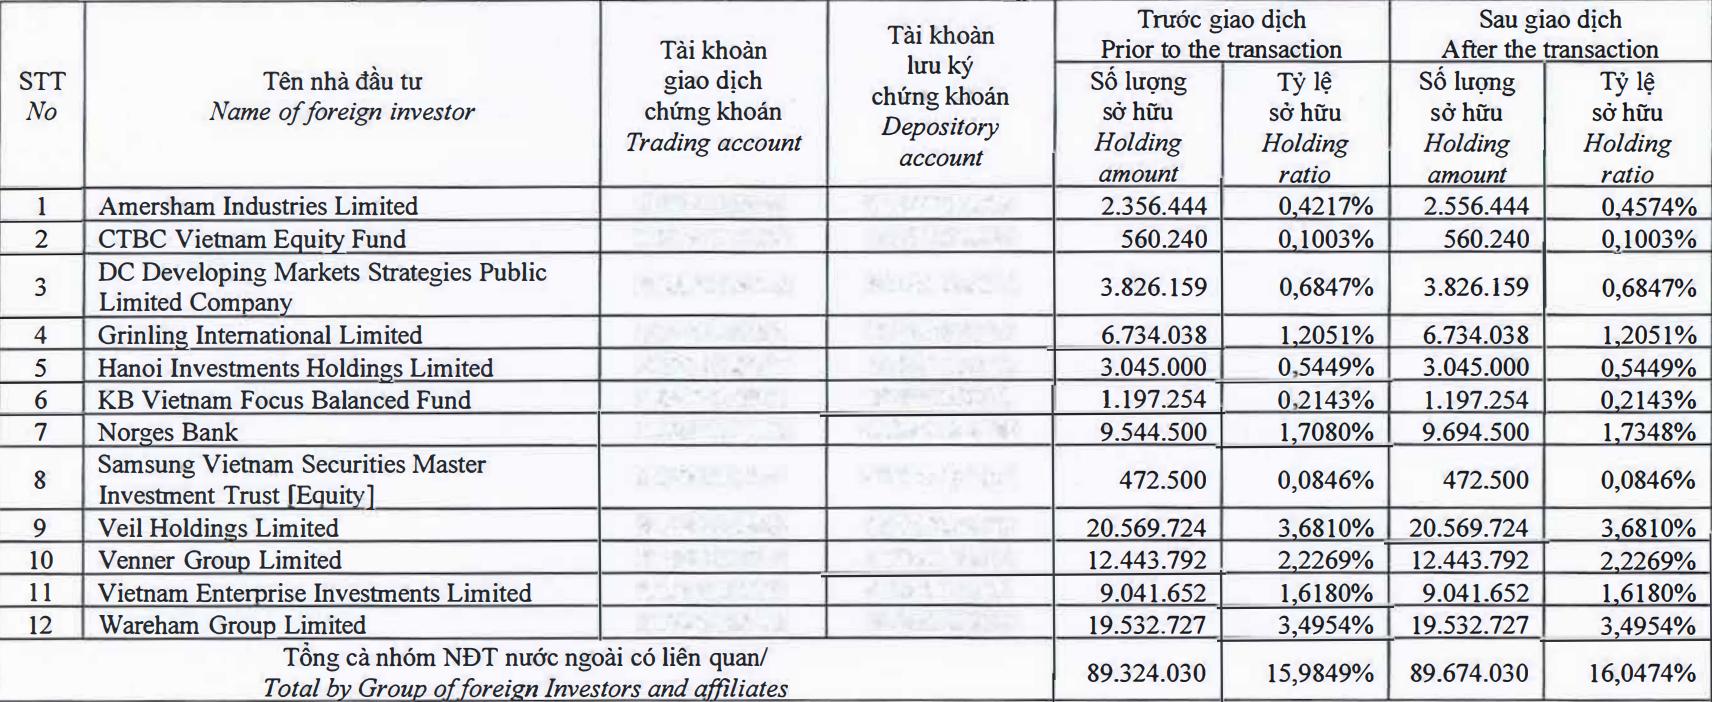 Dragon Capital tăng tỉ lệ sở hữu tại Nhà Khang Điền sau khi mạnh tay thoái vốn - Ảnh 1.